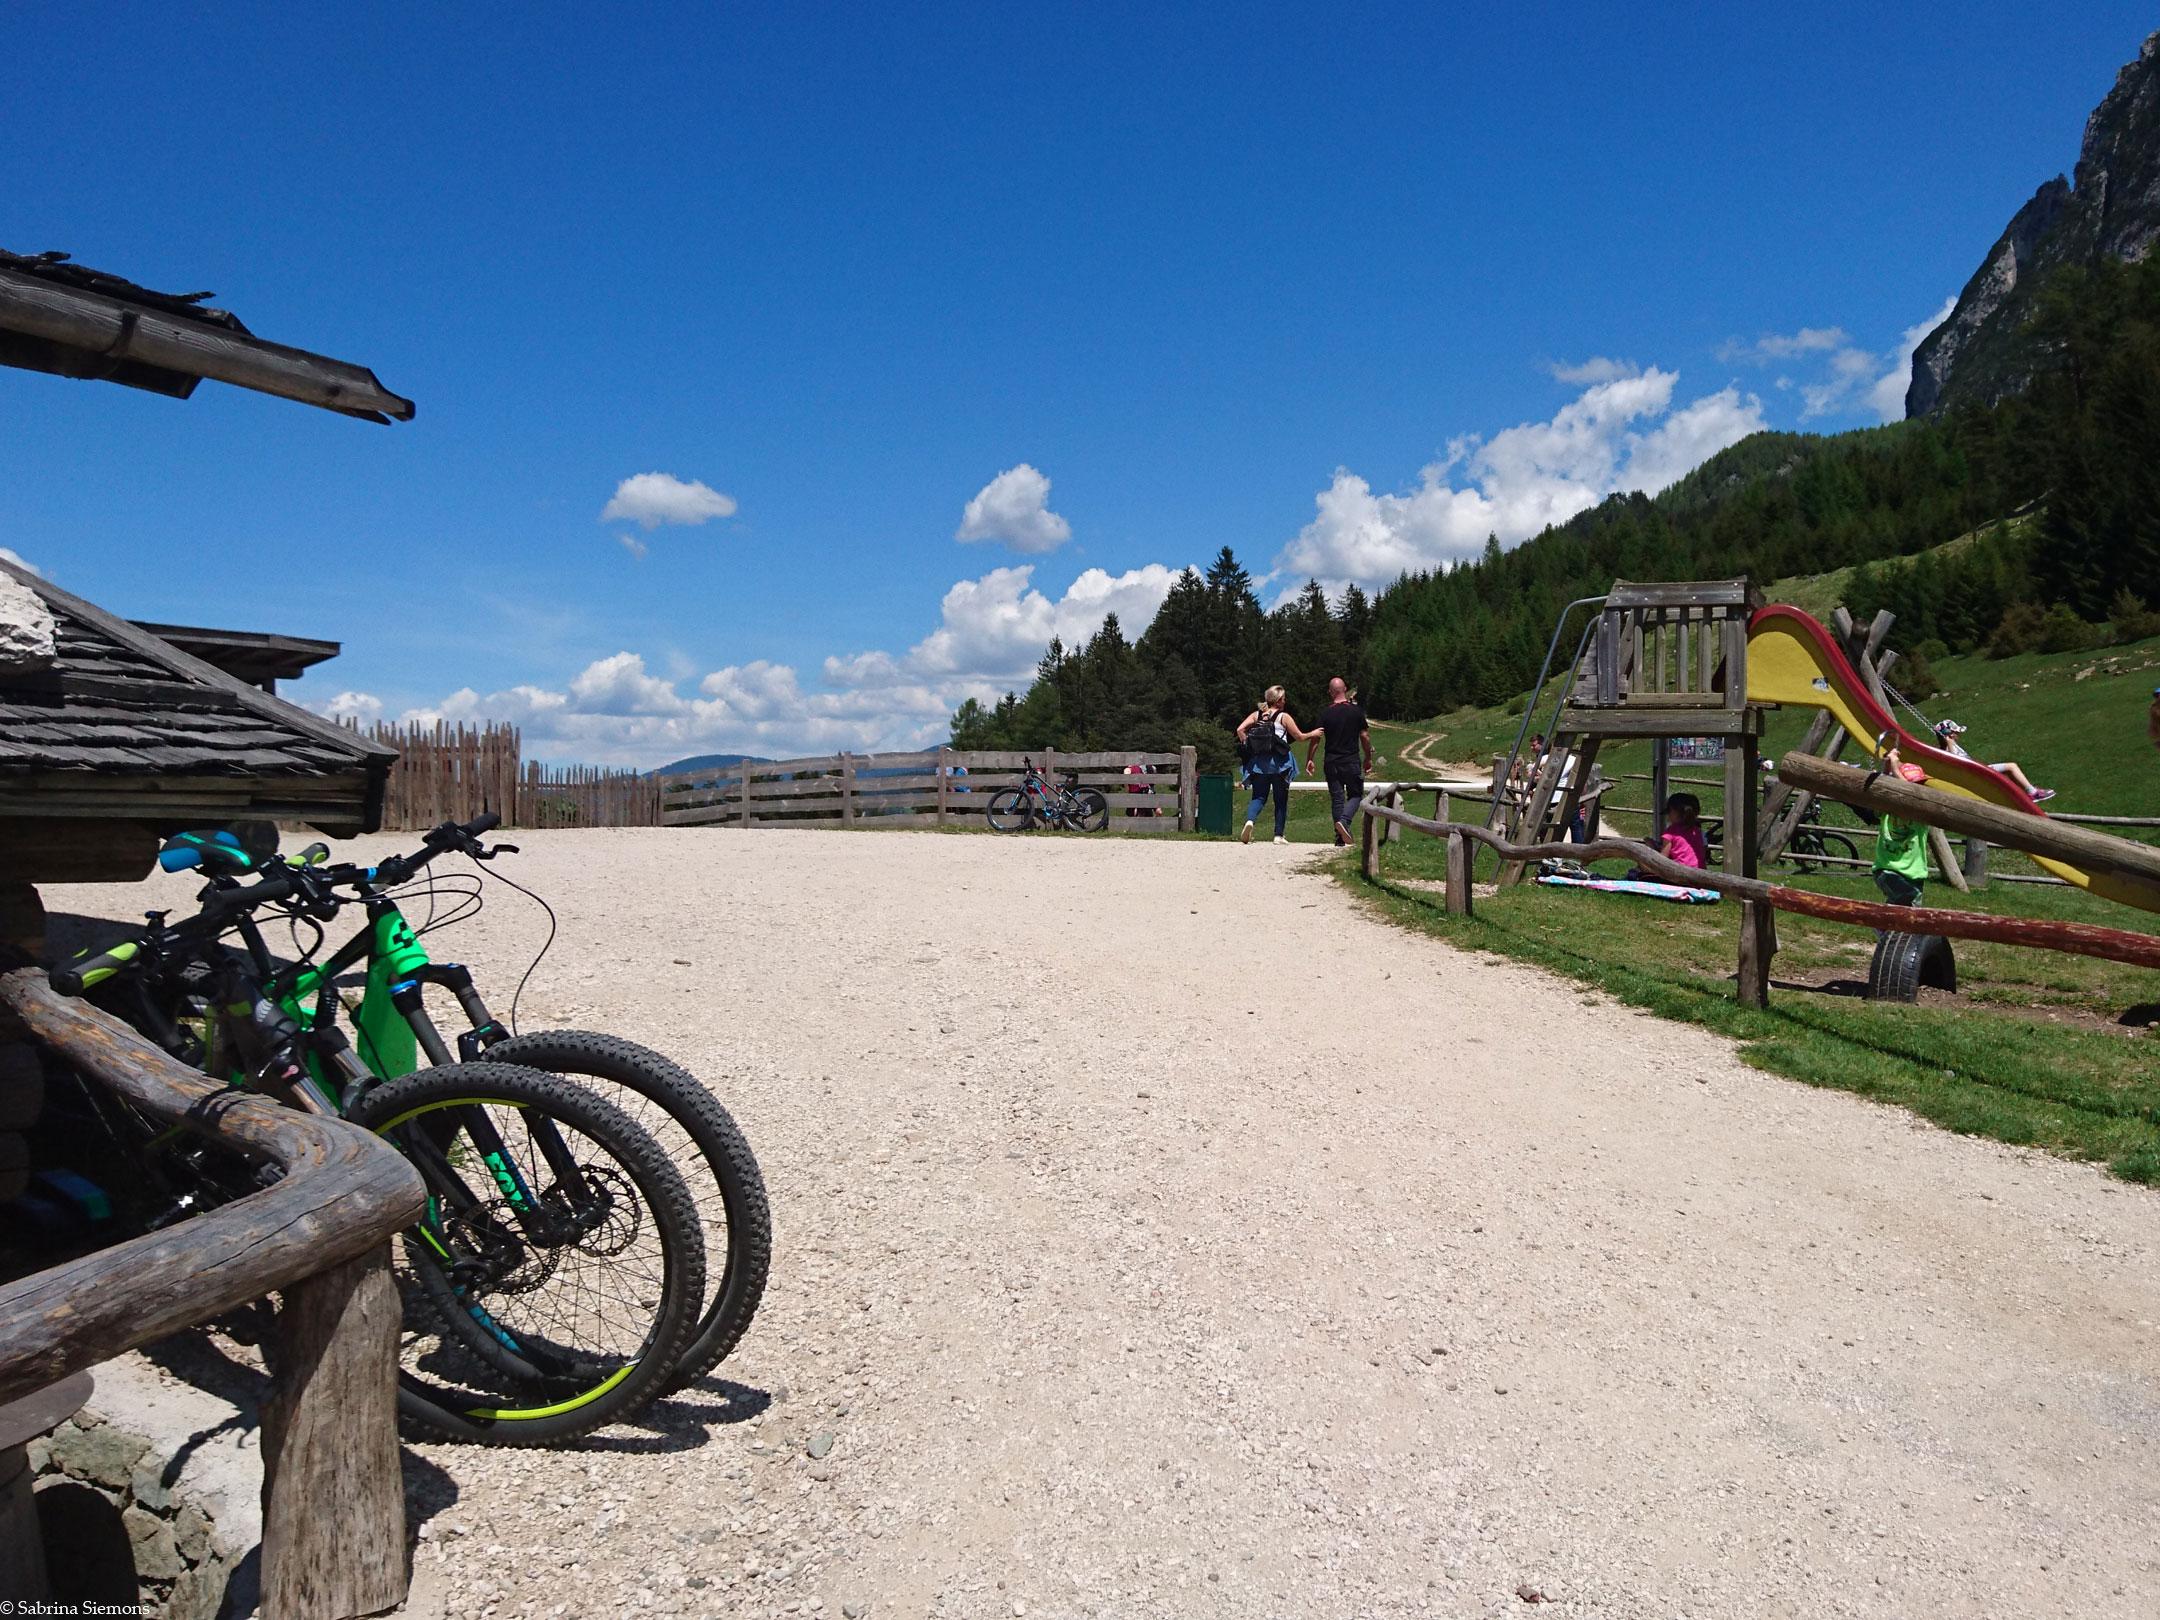 Wheelchair-Tours-Wheelchair-Tuffalm-Entrance-from-Hiking-Trail-1